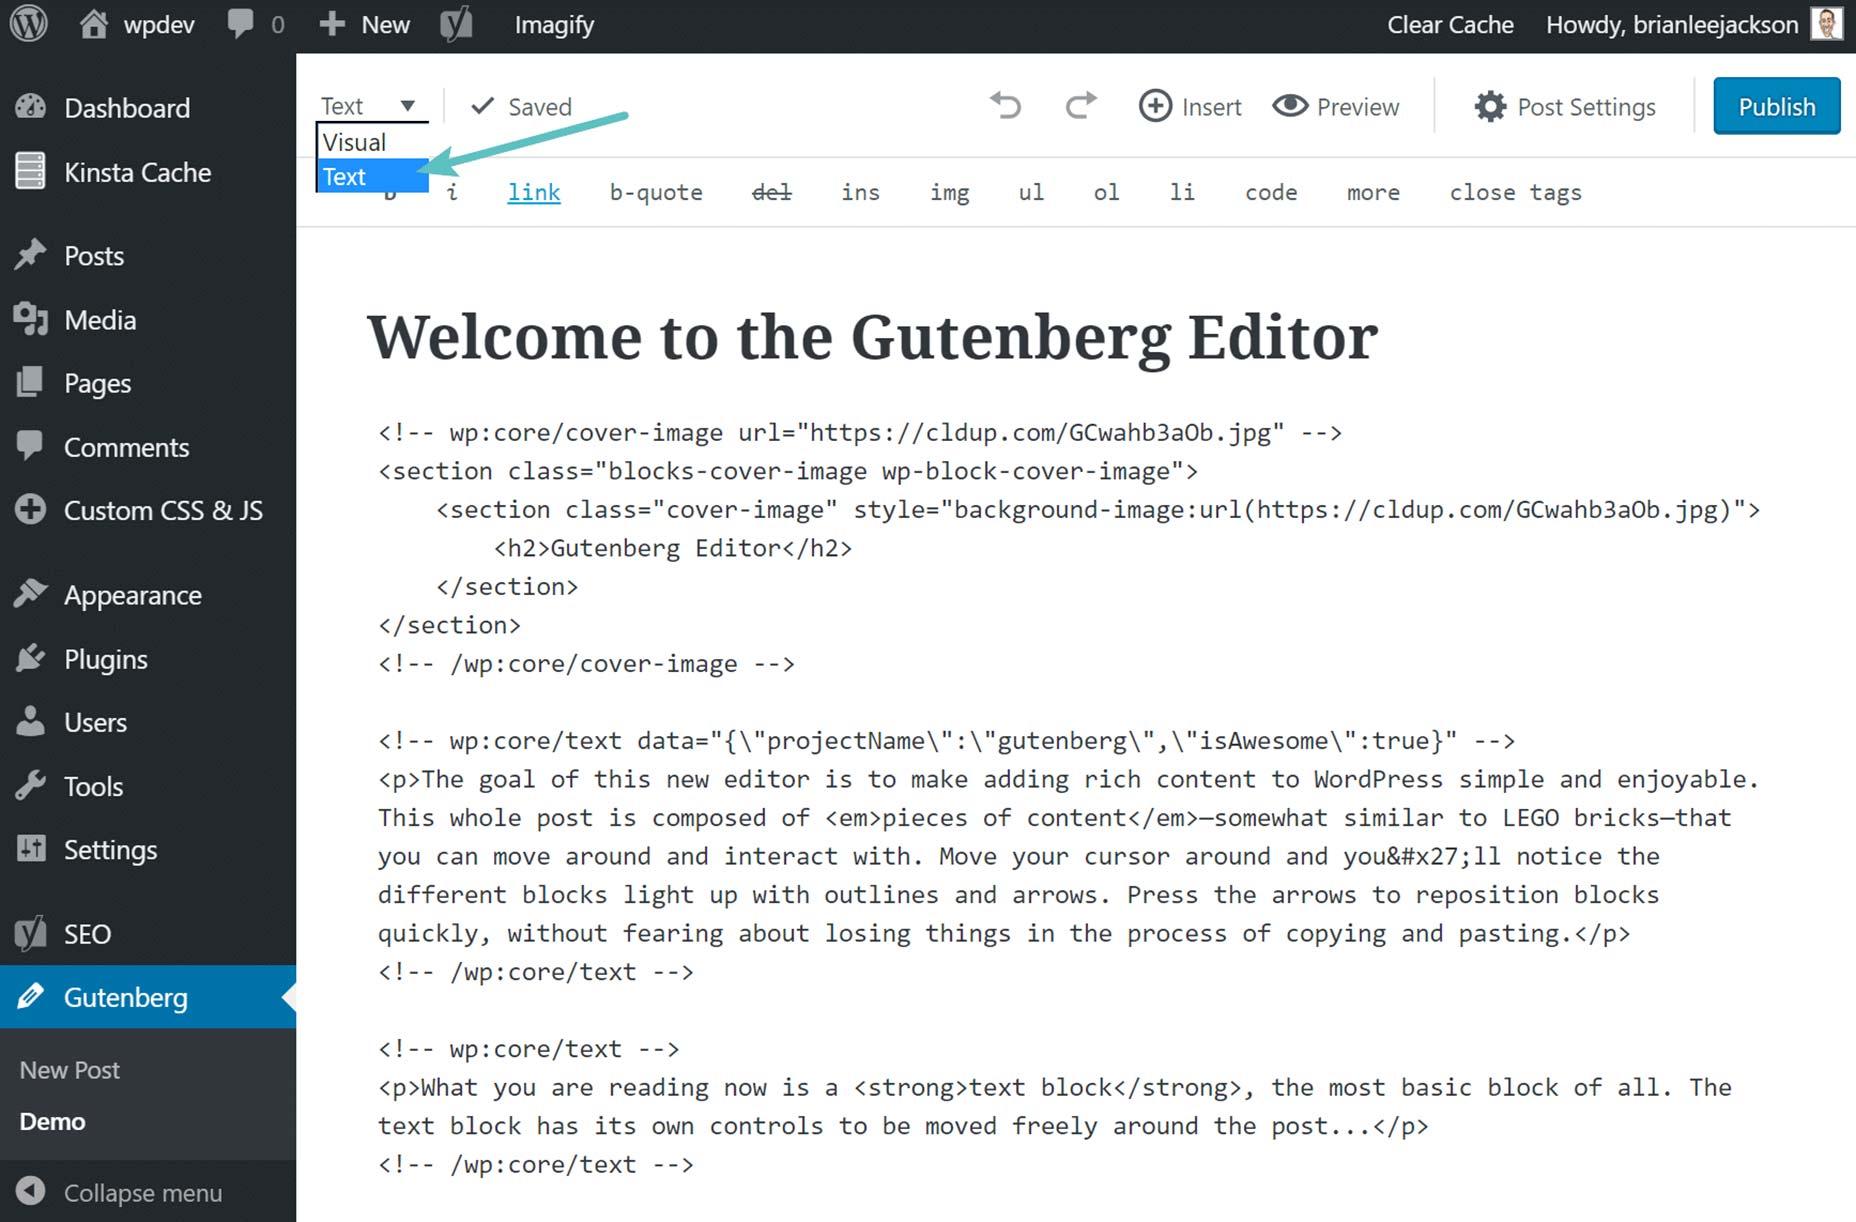 gutenberg-editor de texto